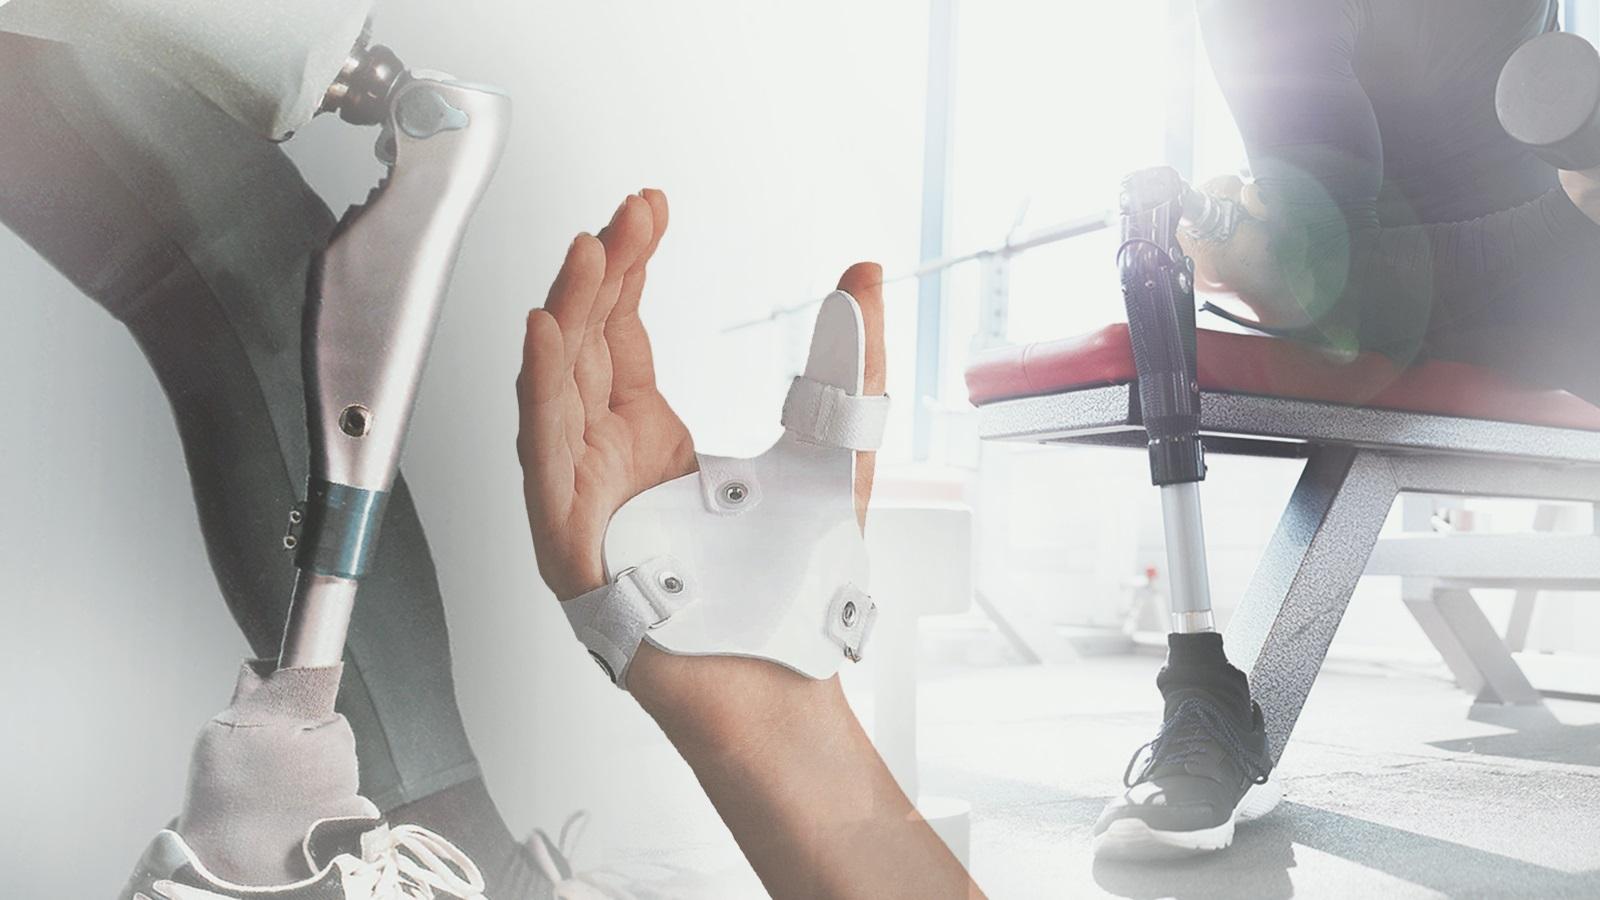 Gestão em OPME - DMI (órtese, prótese e materiais especiais - Dispositivos Médicos Implatáveis)